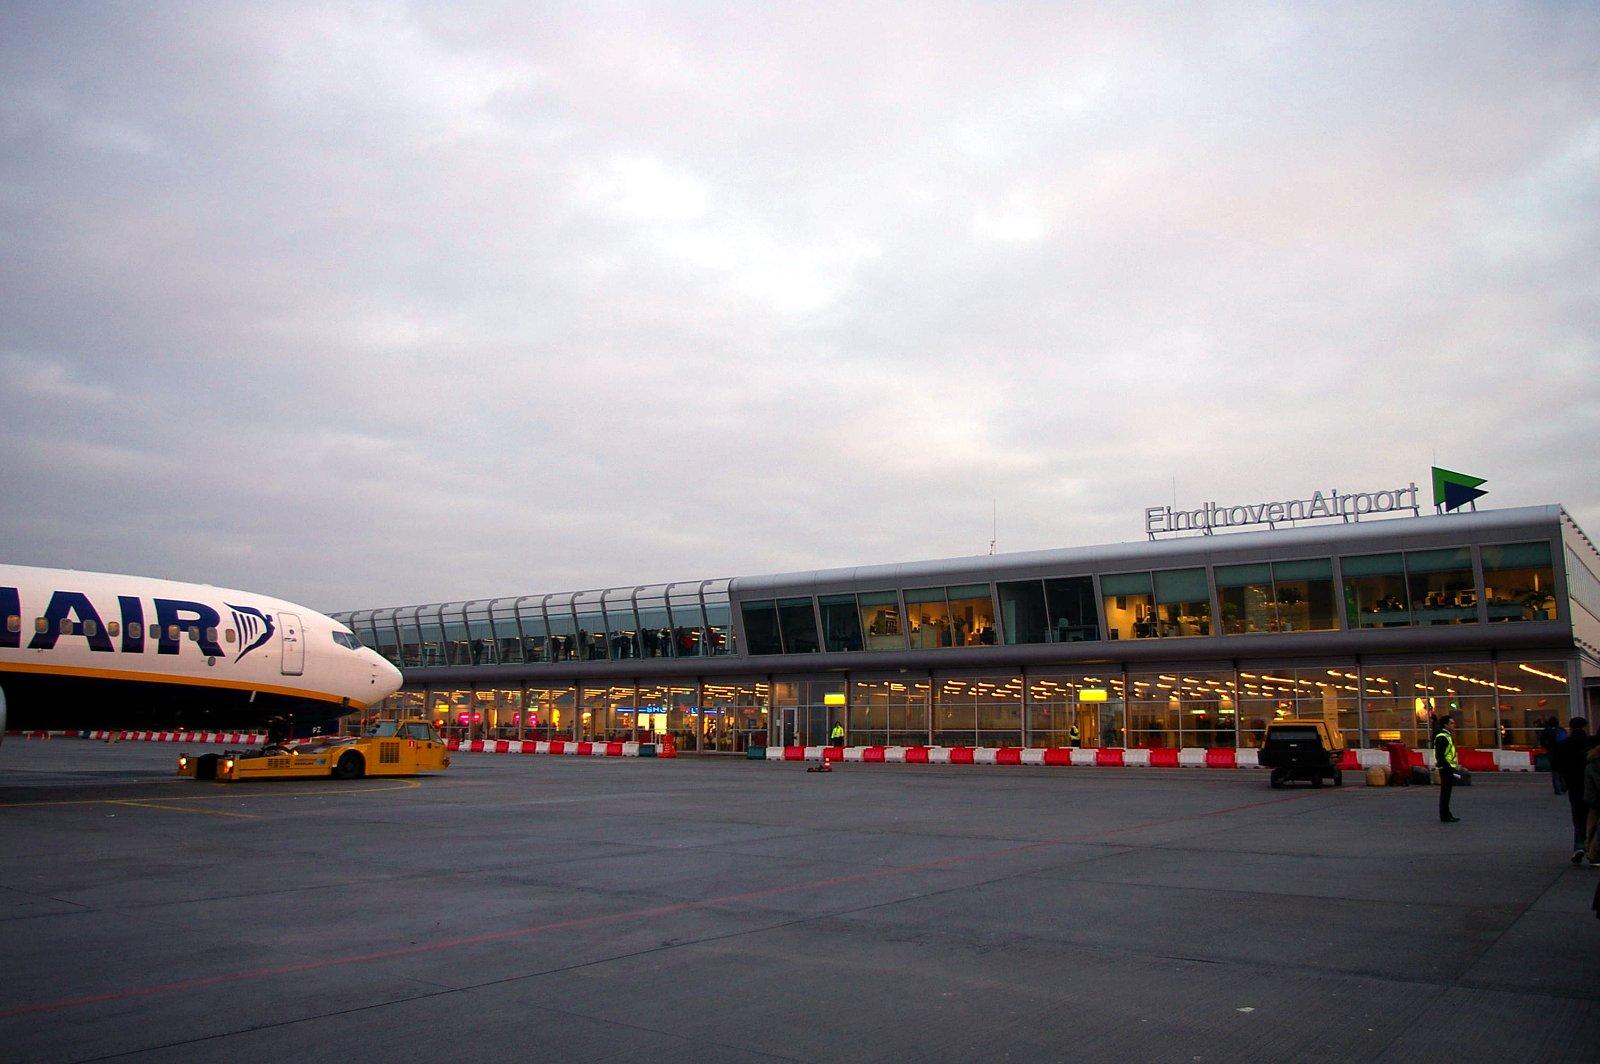 parkeerplaats eindhoven airport